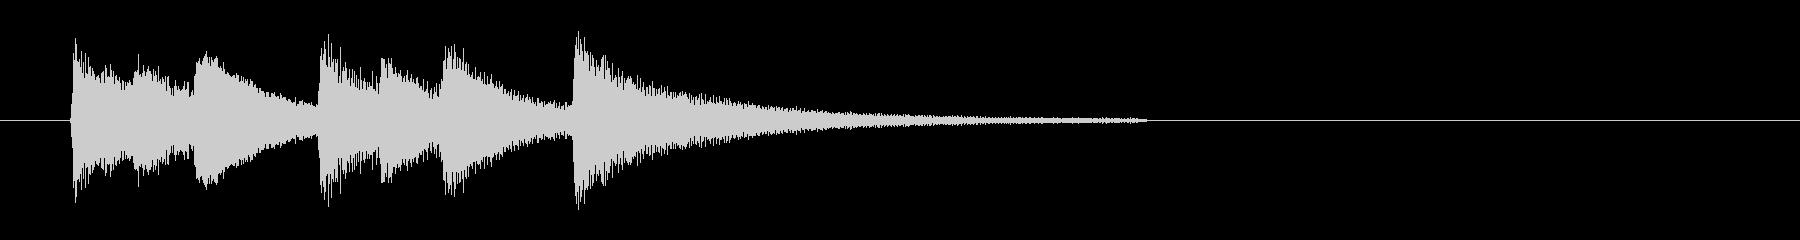 ピアノによる場面転換・アイキャッチの未再生の波形